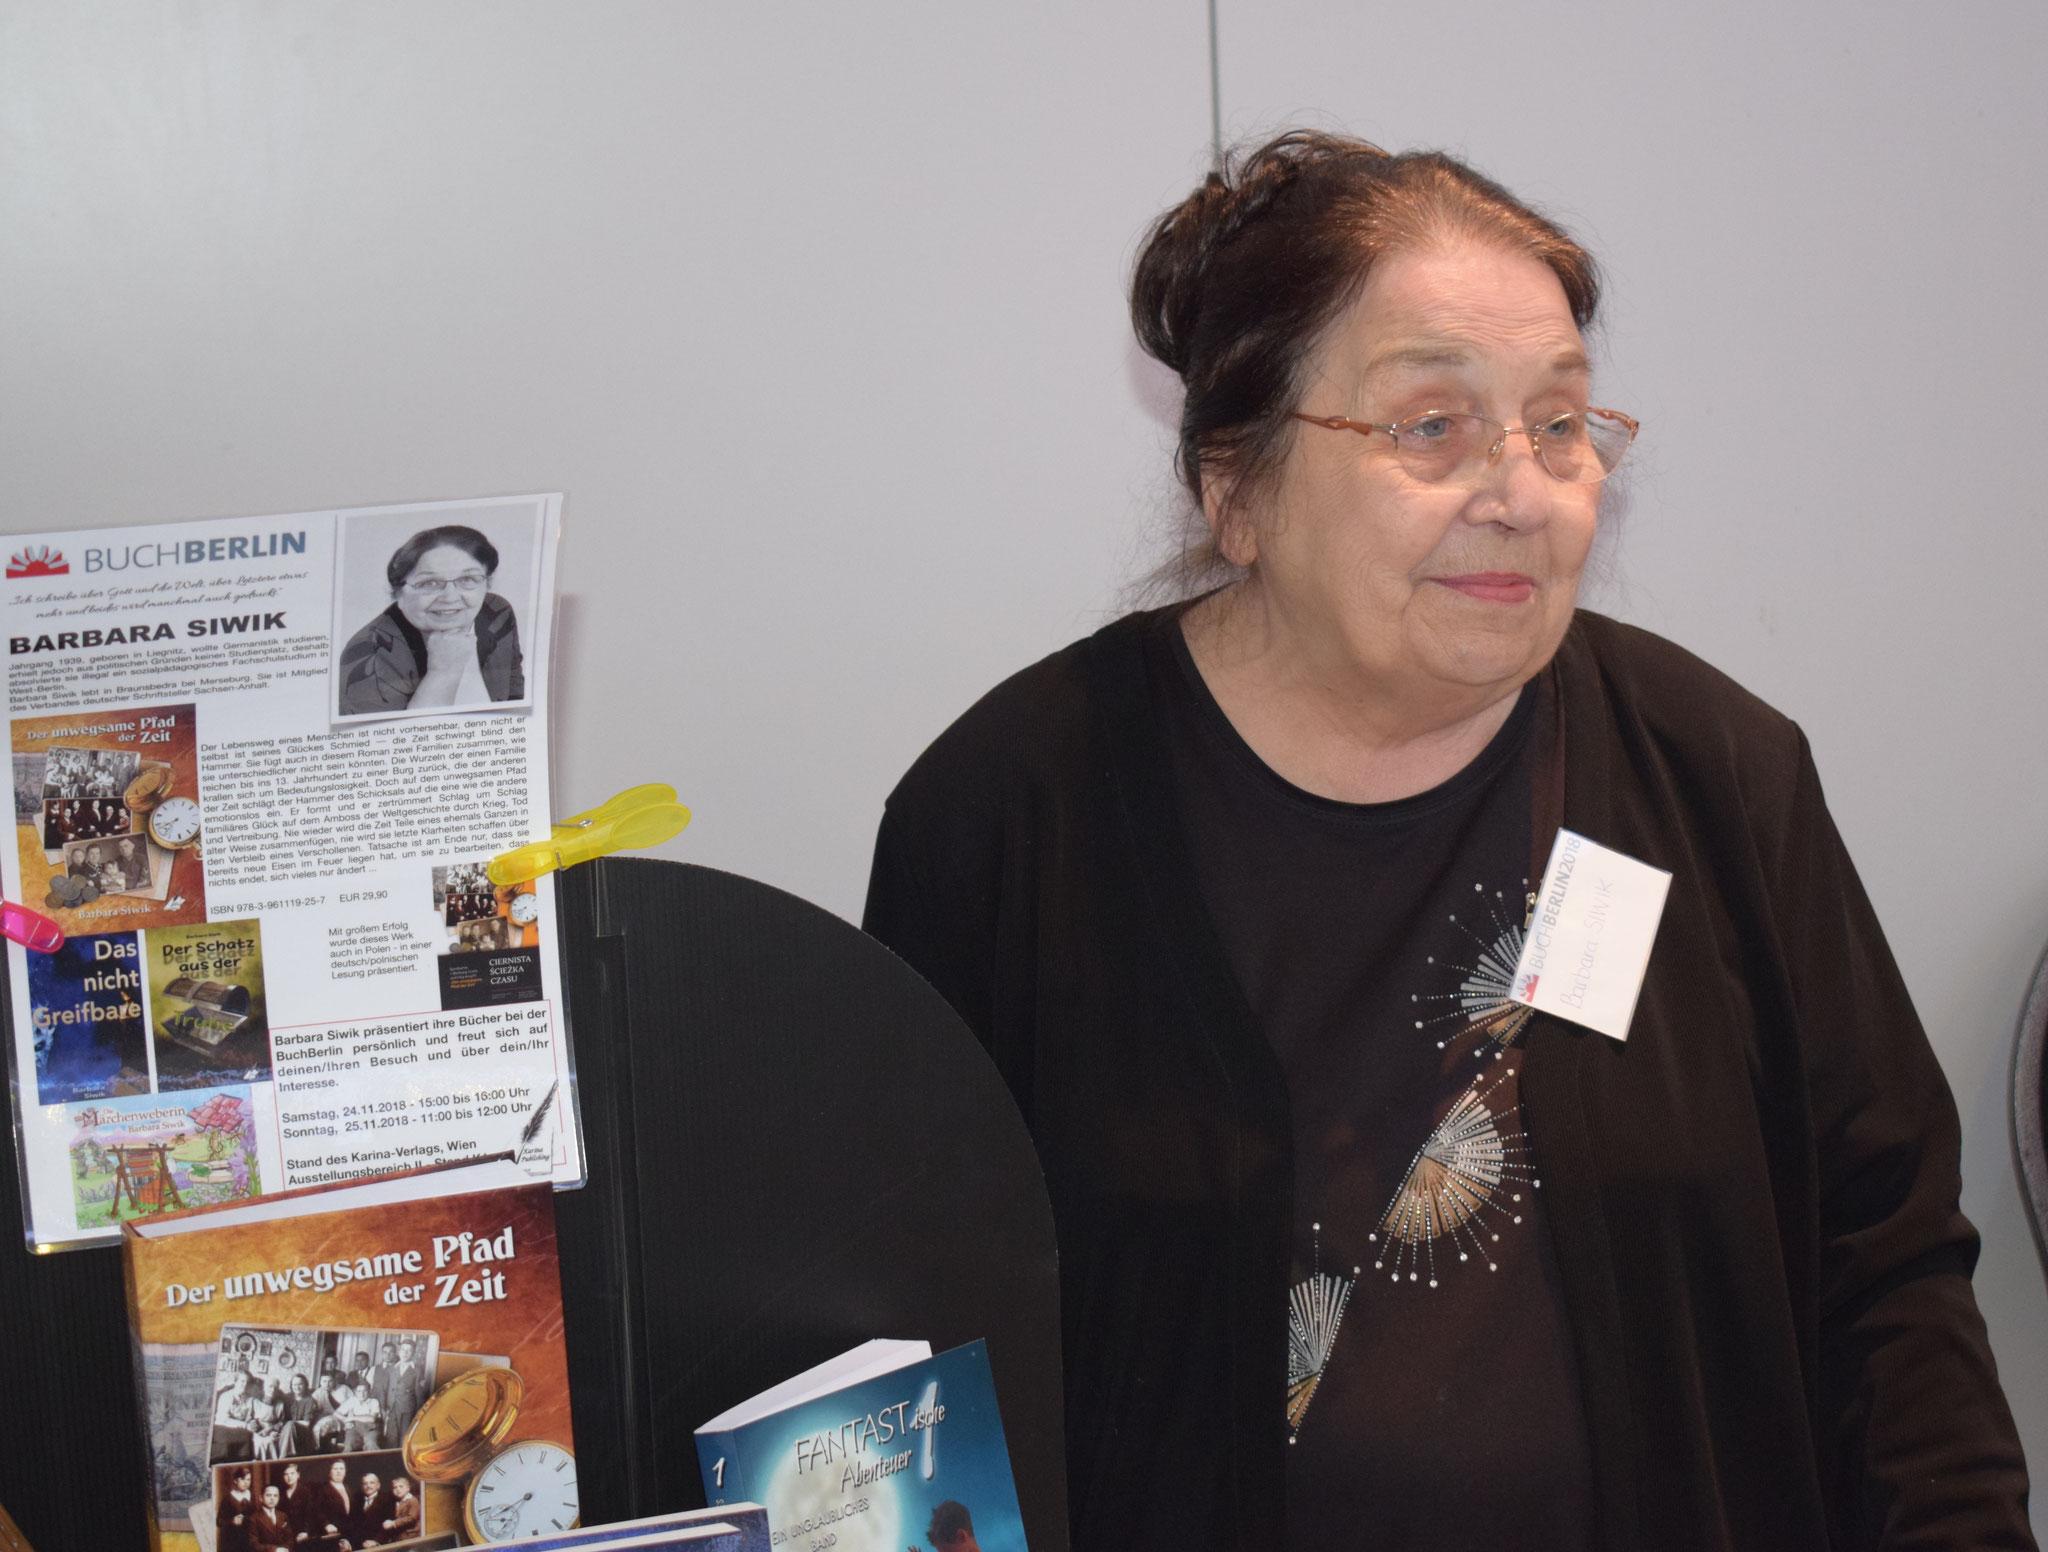 Buchmesse BuchBerlin 2018, Karina-Verlag, Autoren-Stunde Barbara Siwik